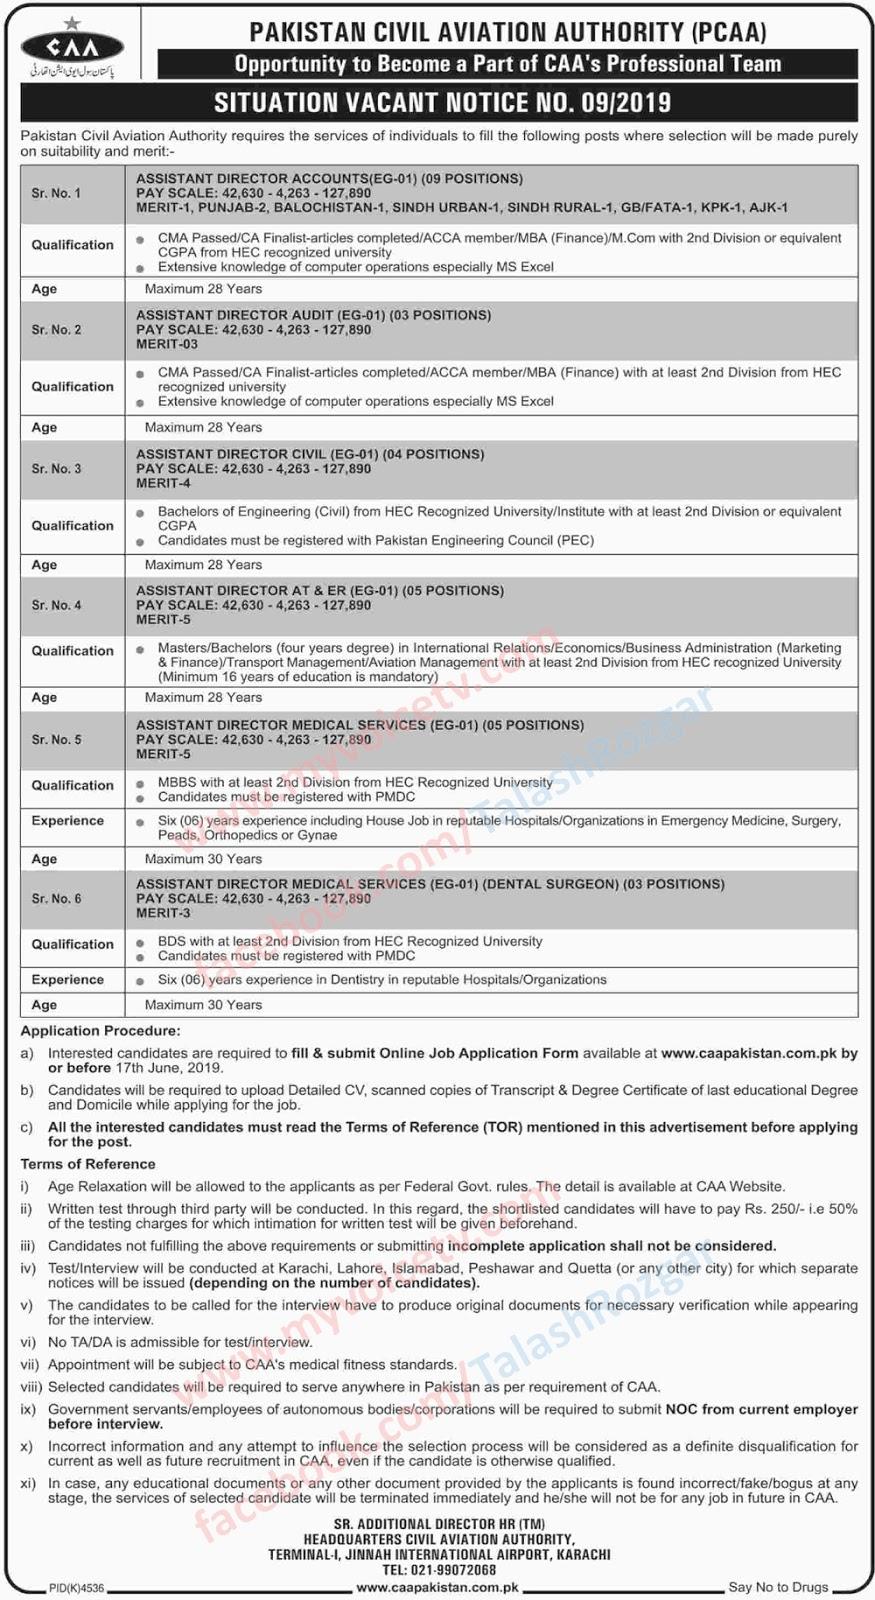 ➨ #Jobs - #Career_Opportunities - #Jobs - in Govt. of Pakistan Ministry of Inter Provincial Coordination - Last date is 17 June 19